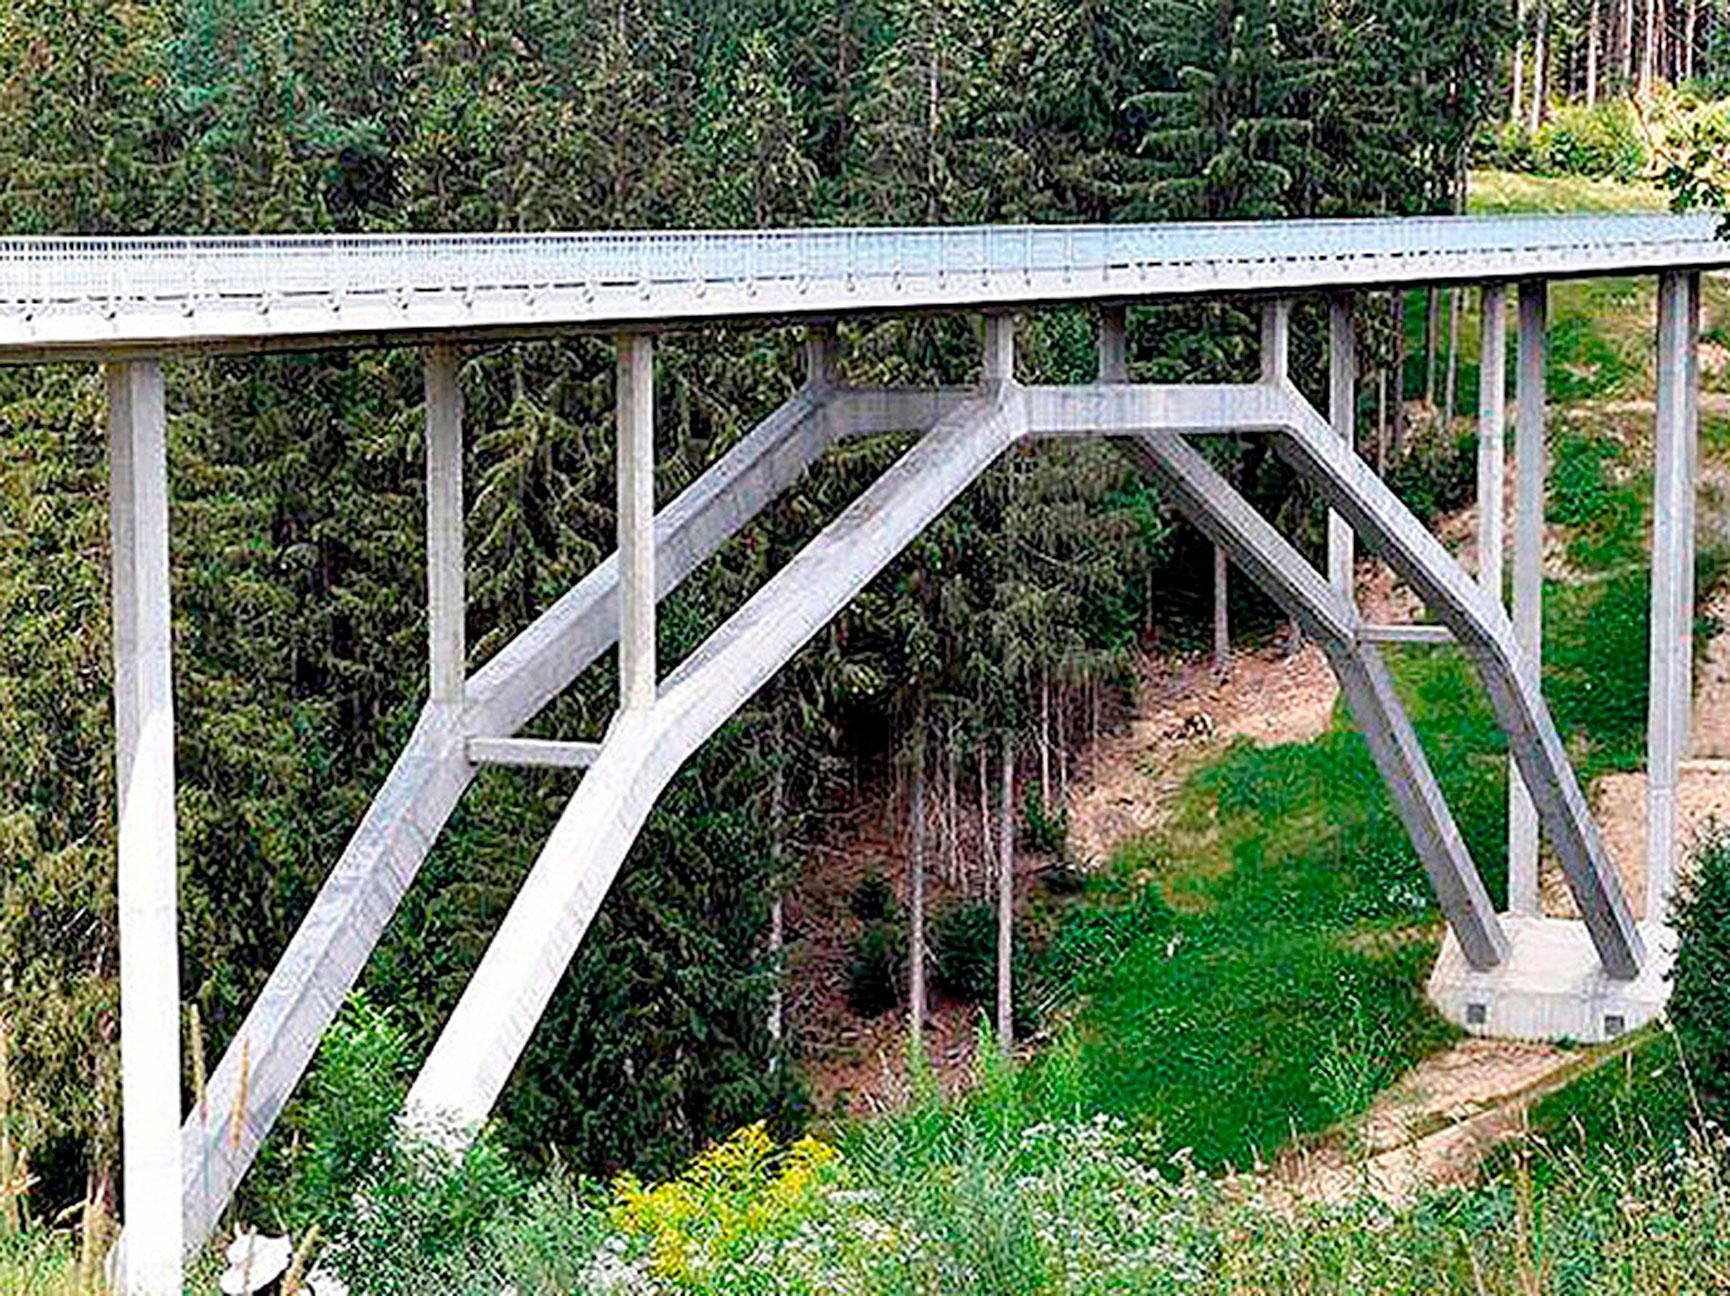 Na Áustria, na cidade de Völkermarkt, foi construída a 1ª ponte em arco do mundo com concreto UHPC Crédito: ZKP